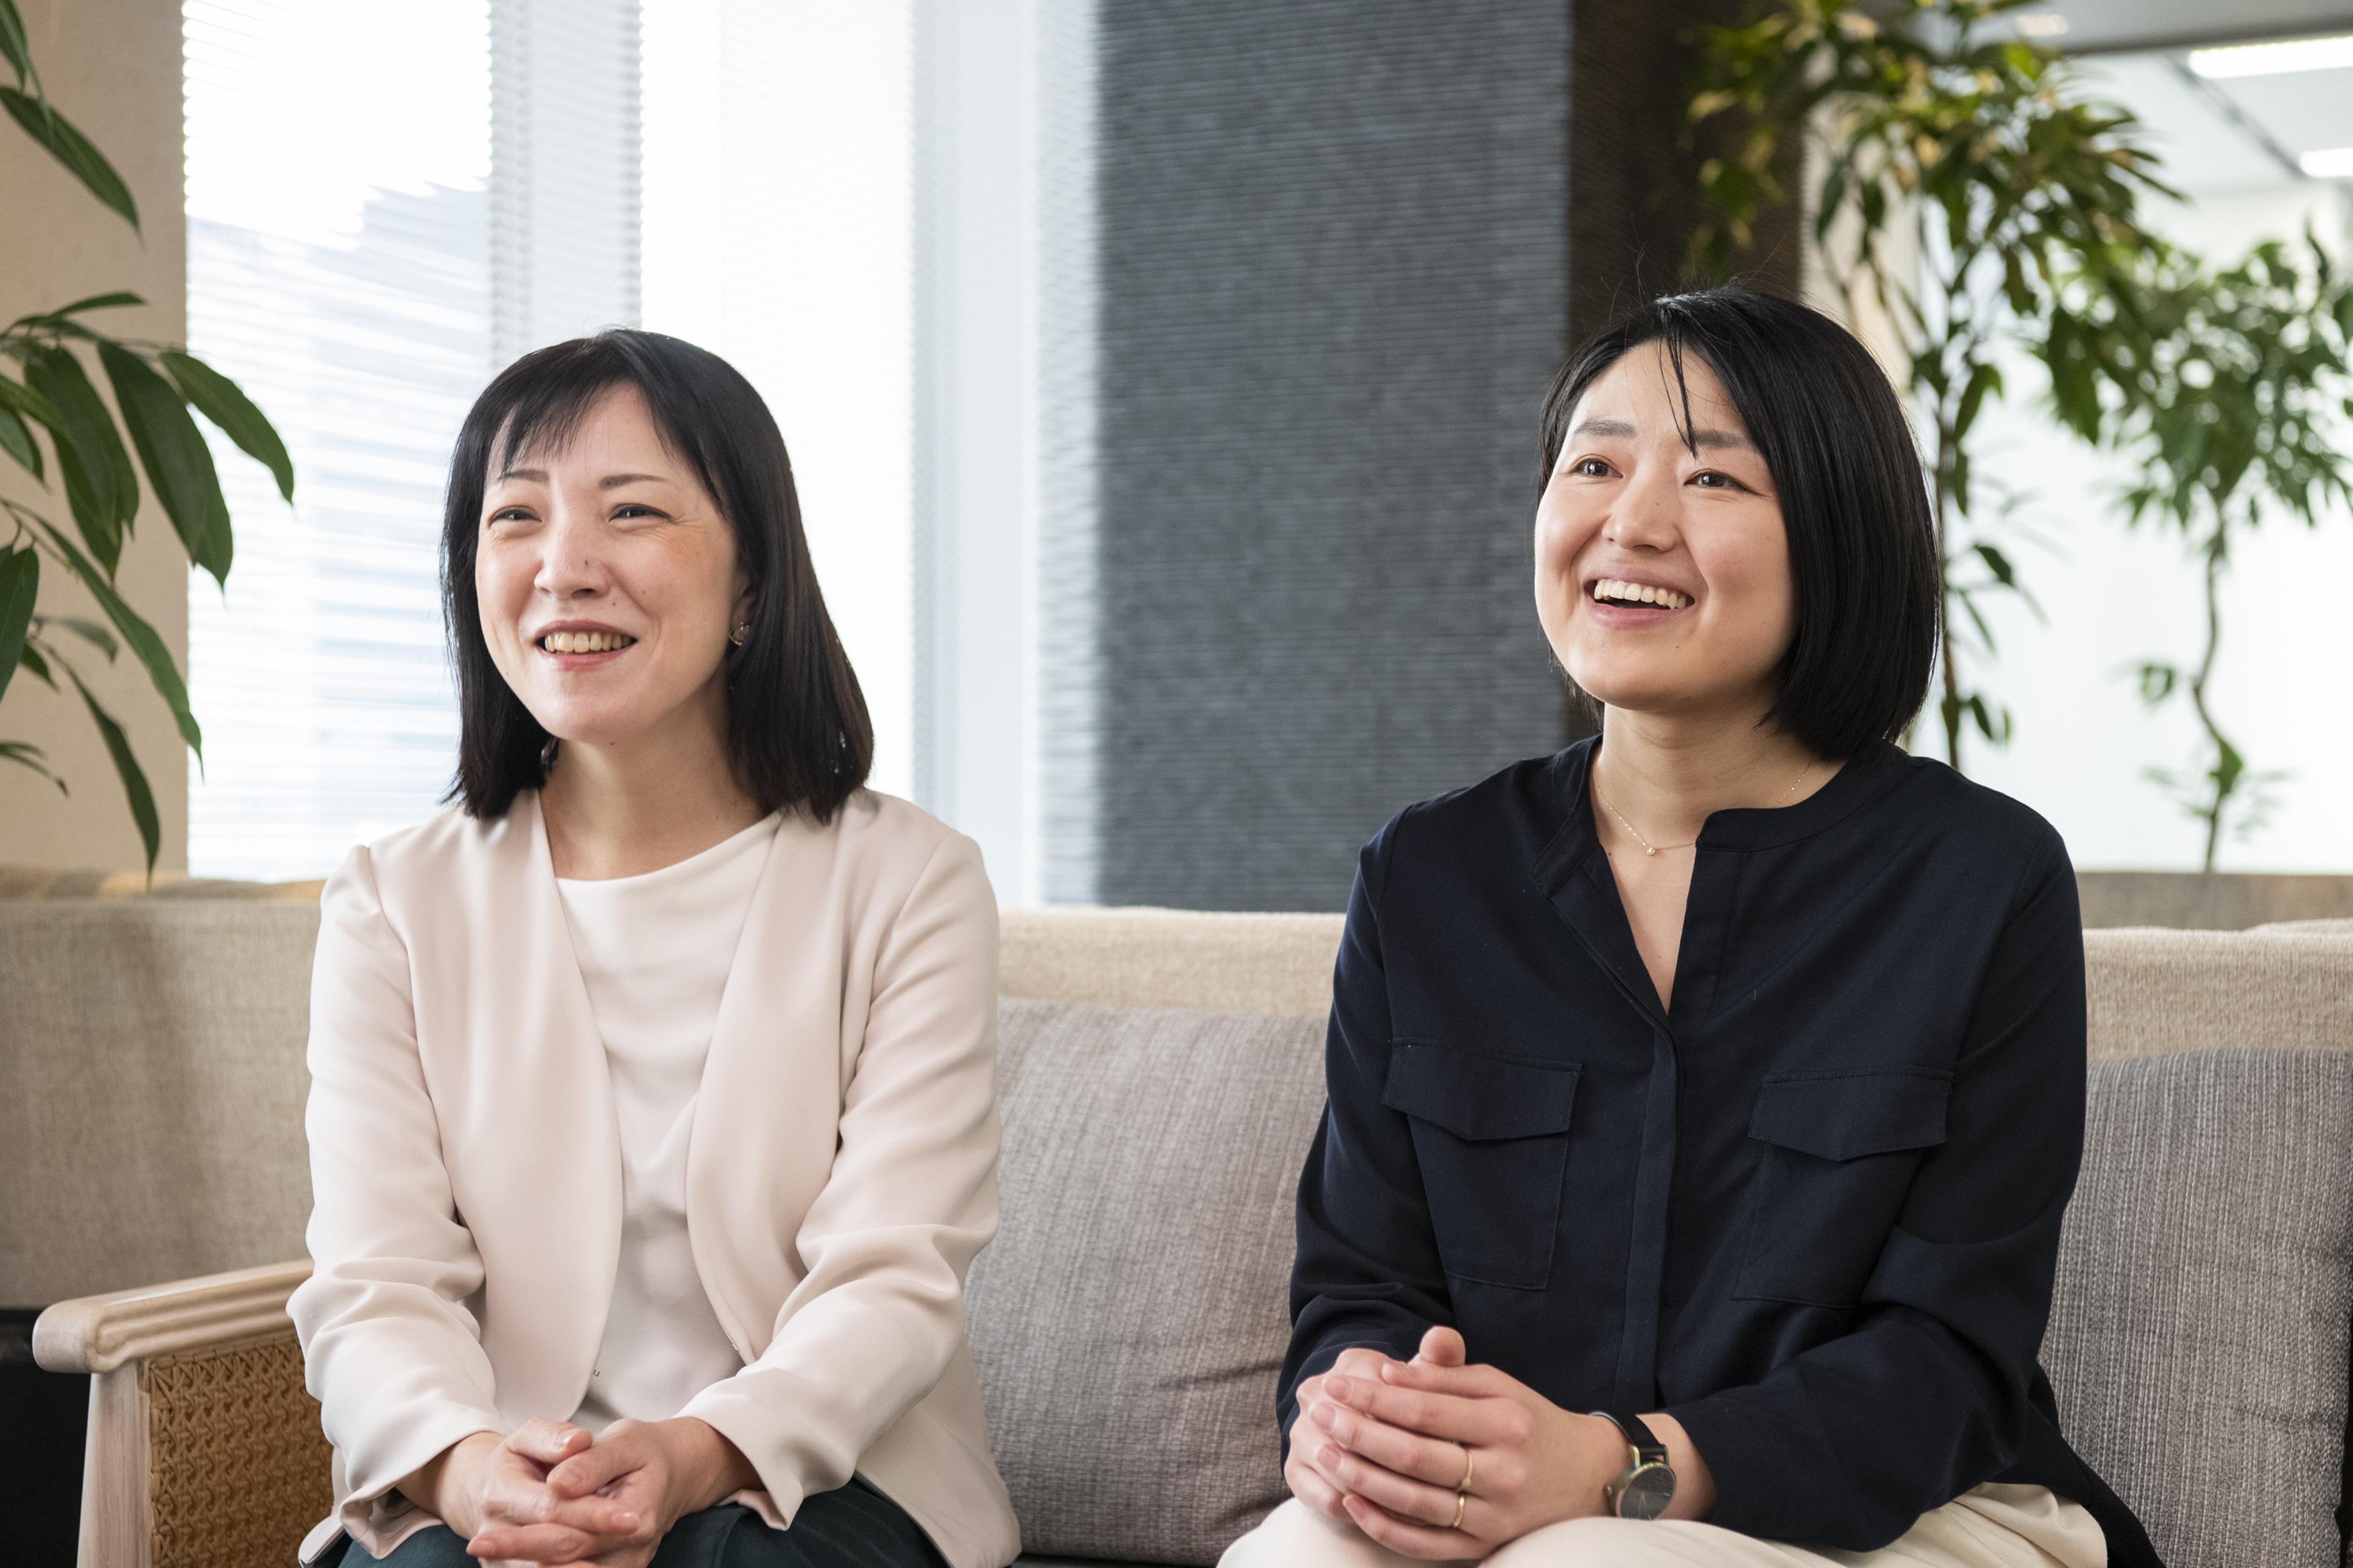 (左から)経営企画部 情報戦略室 黒木 由利子氏、総務・労務部 山口 佳織氏